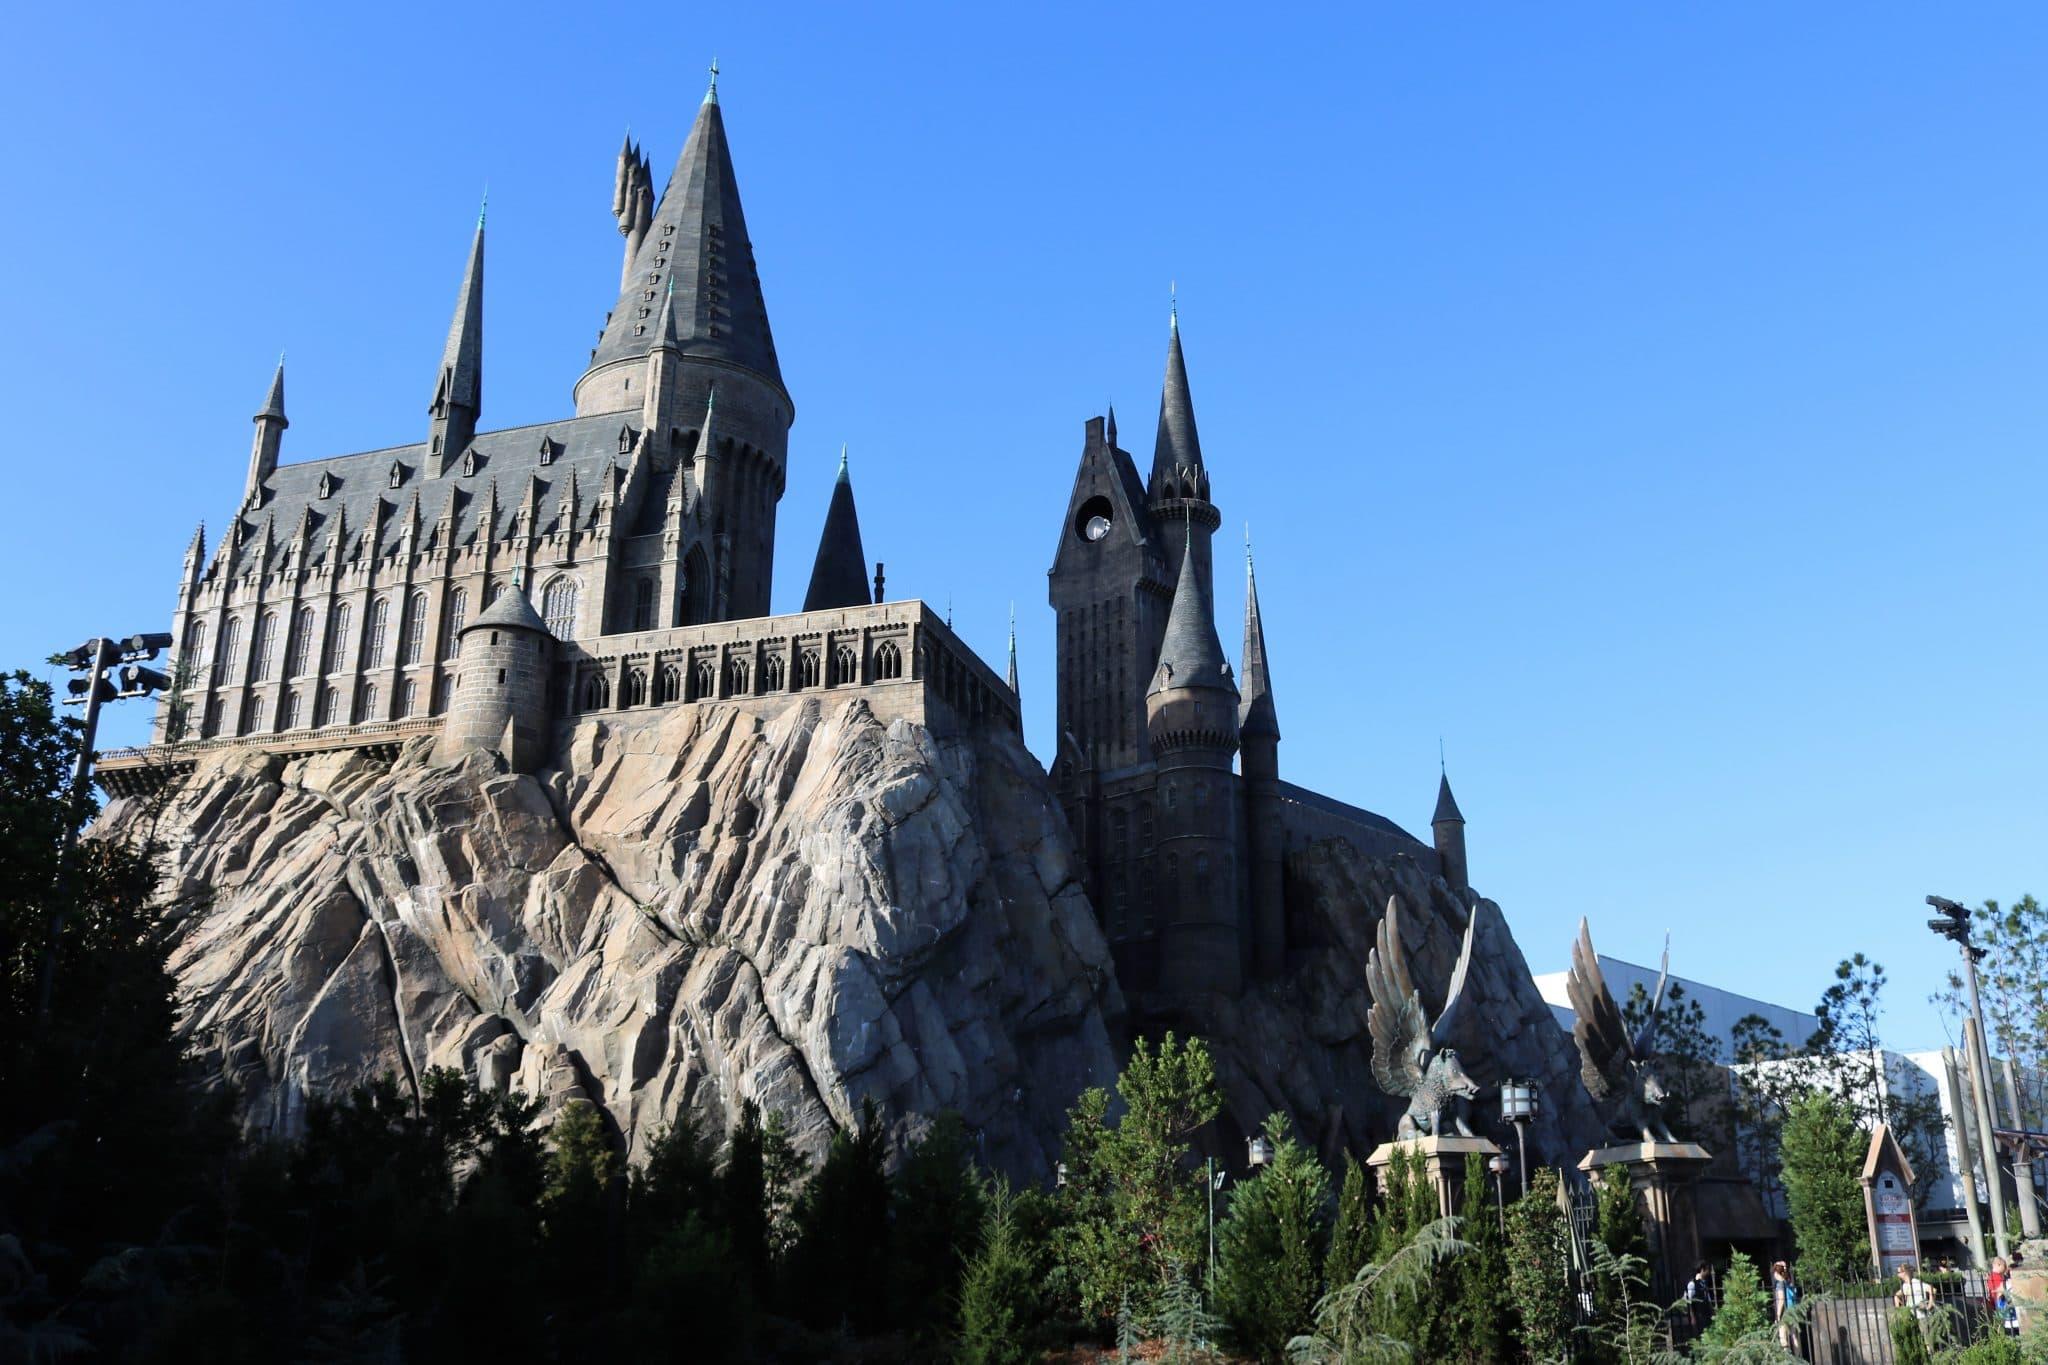 The stunning Hogwart's castle